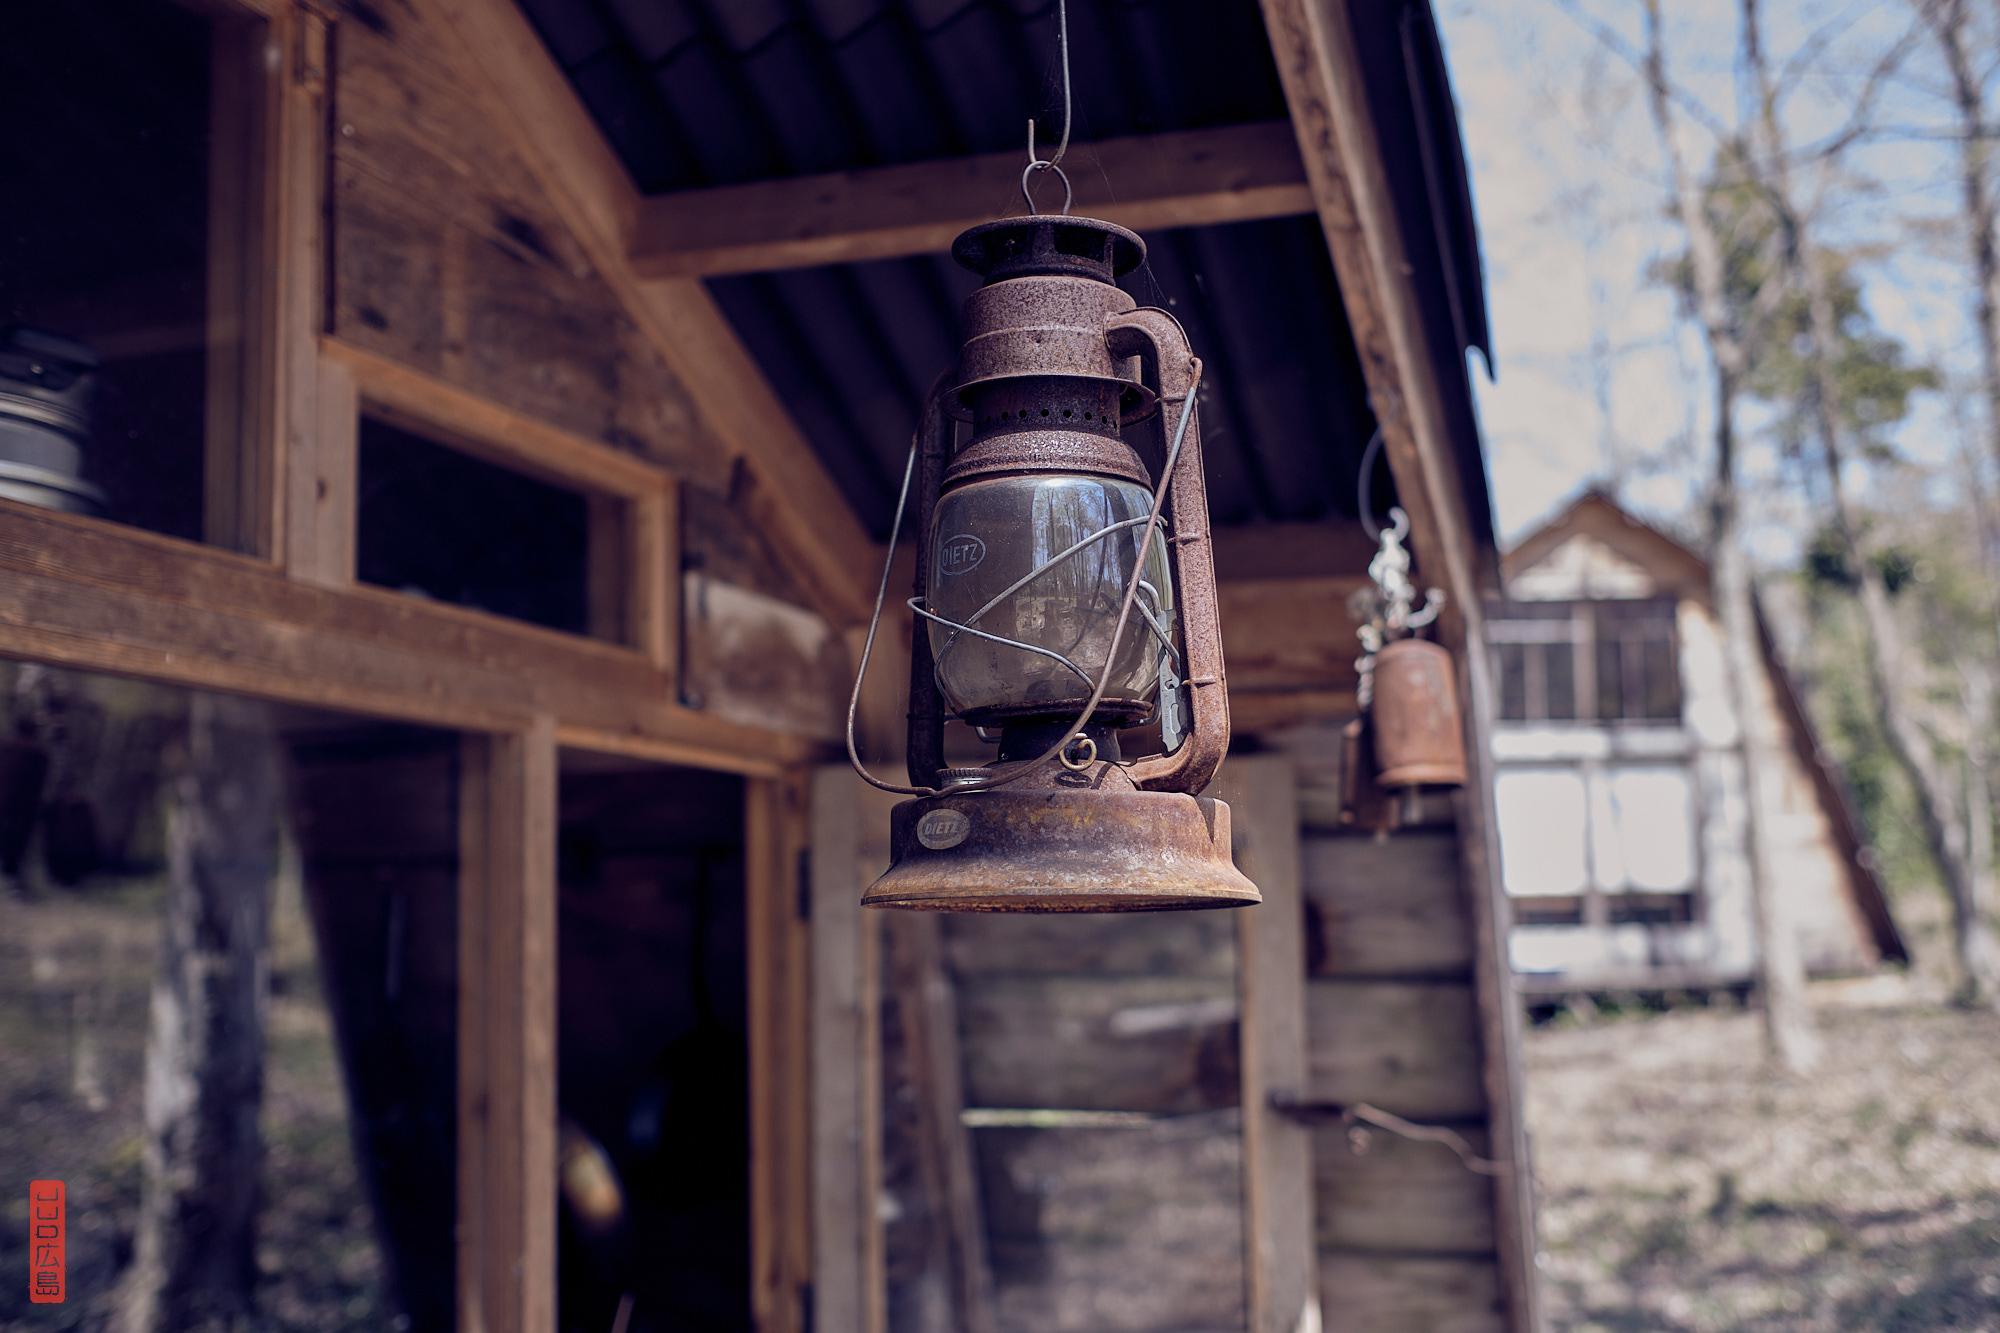 lampe à huile Dietz à l'entrée d'un café dans la forêt